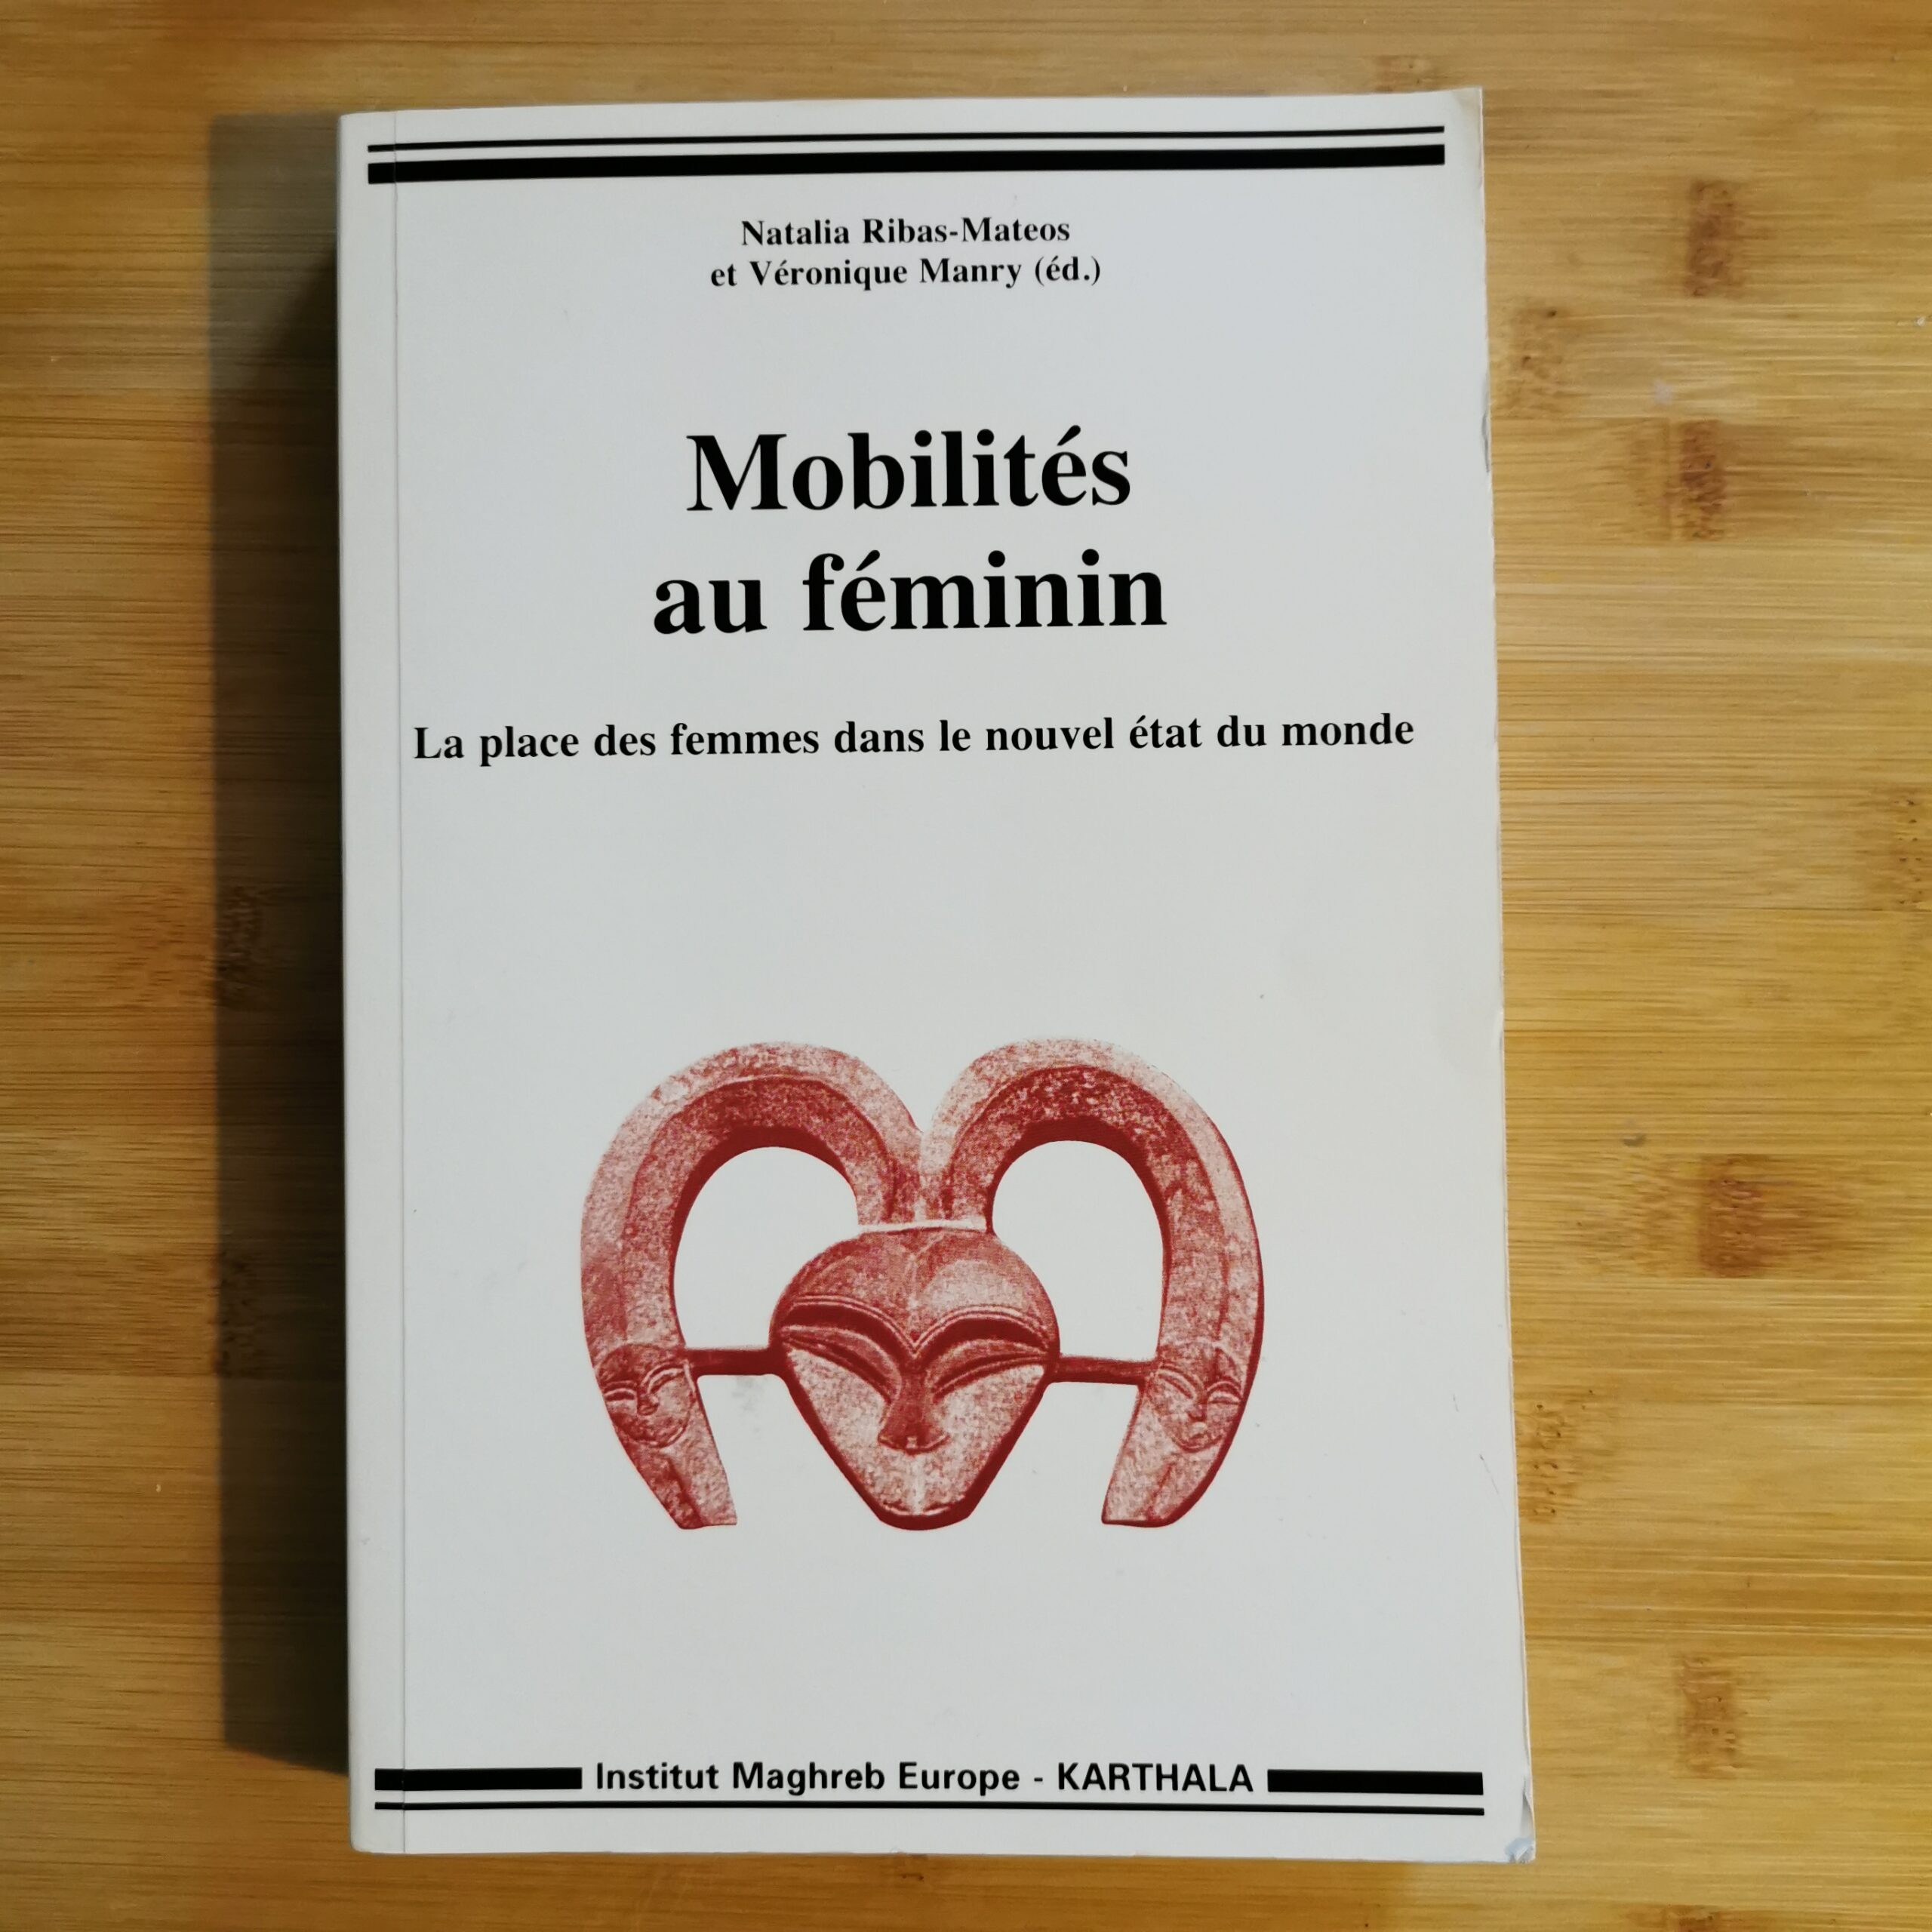 Mobilités au féminin - Karthala